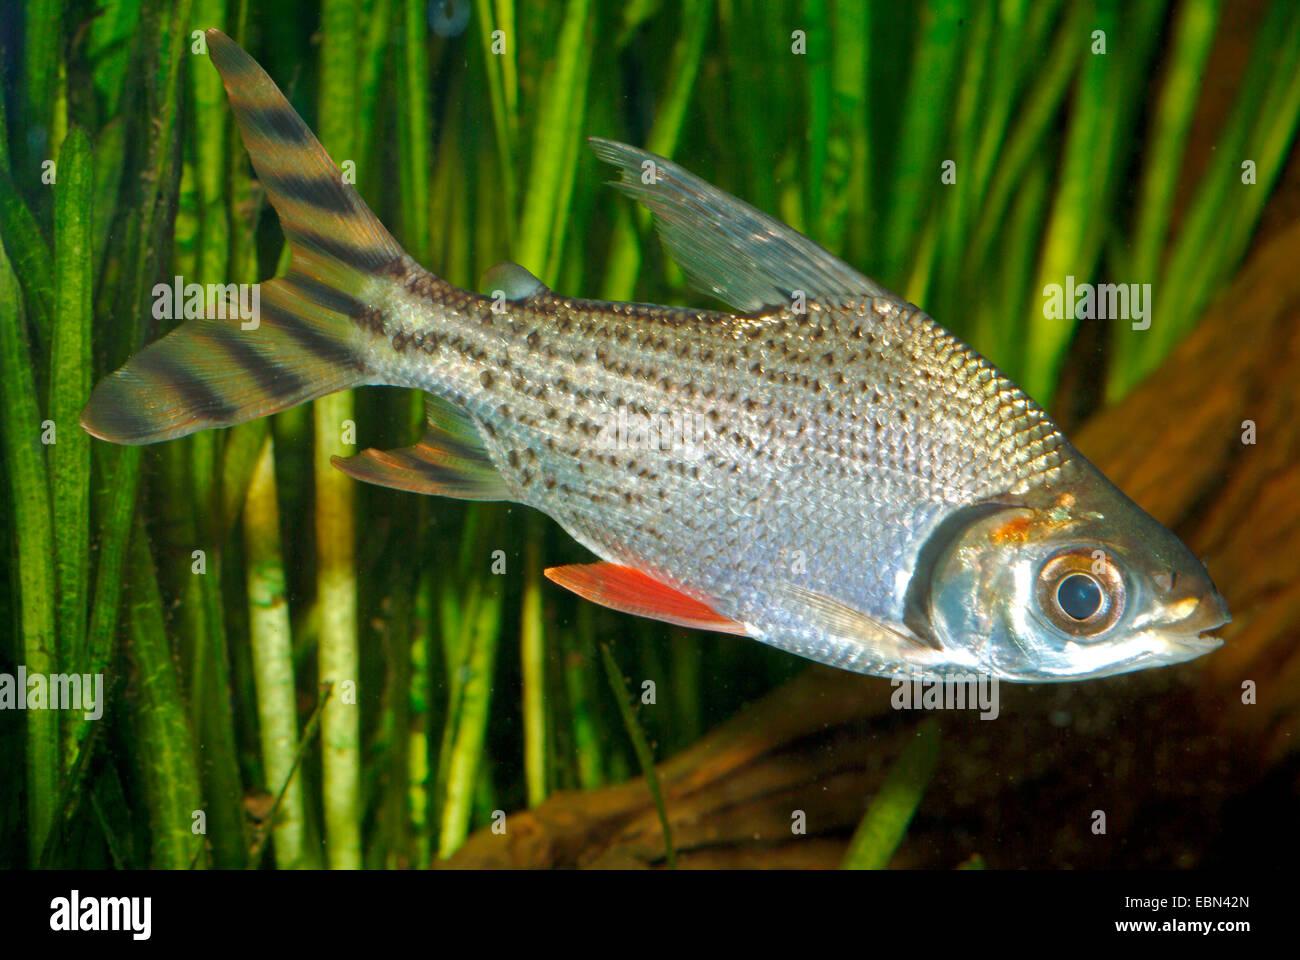 Prochilodus colorati, argento Prochilodus (Semaprochilodus taeniurus), nuoto Immagini Stock